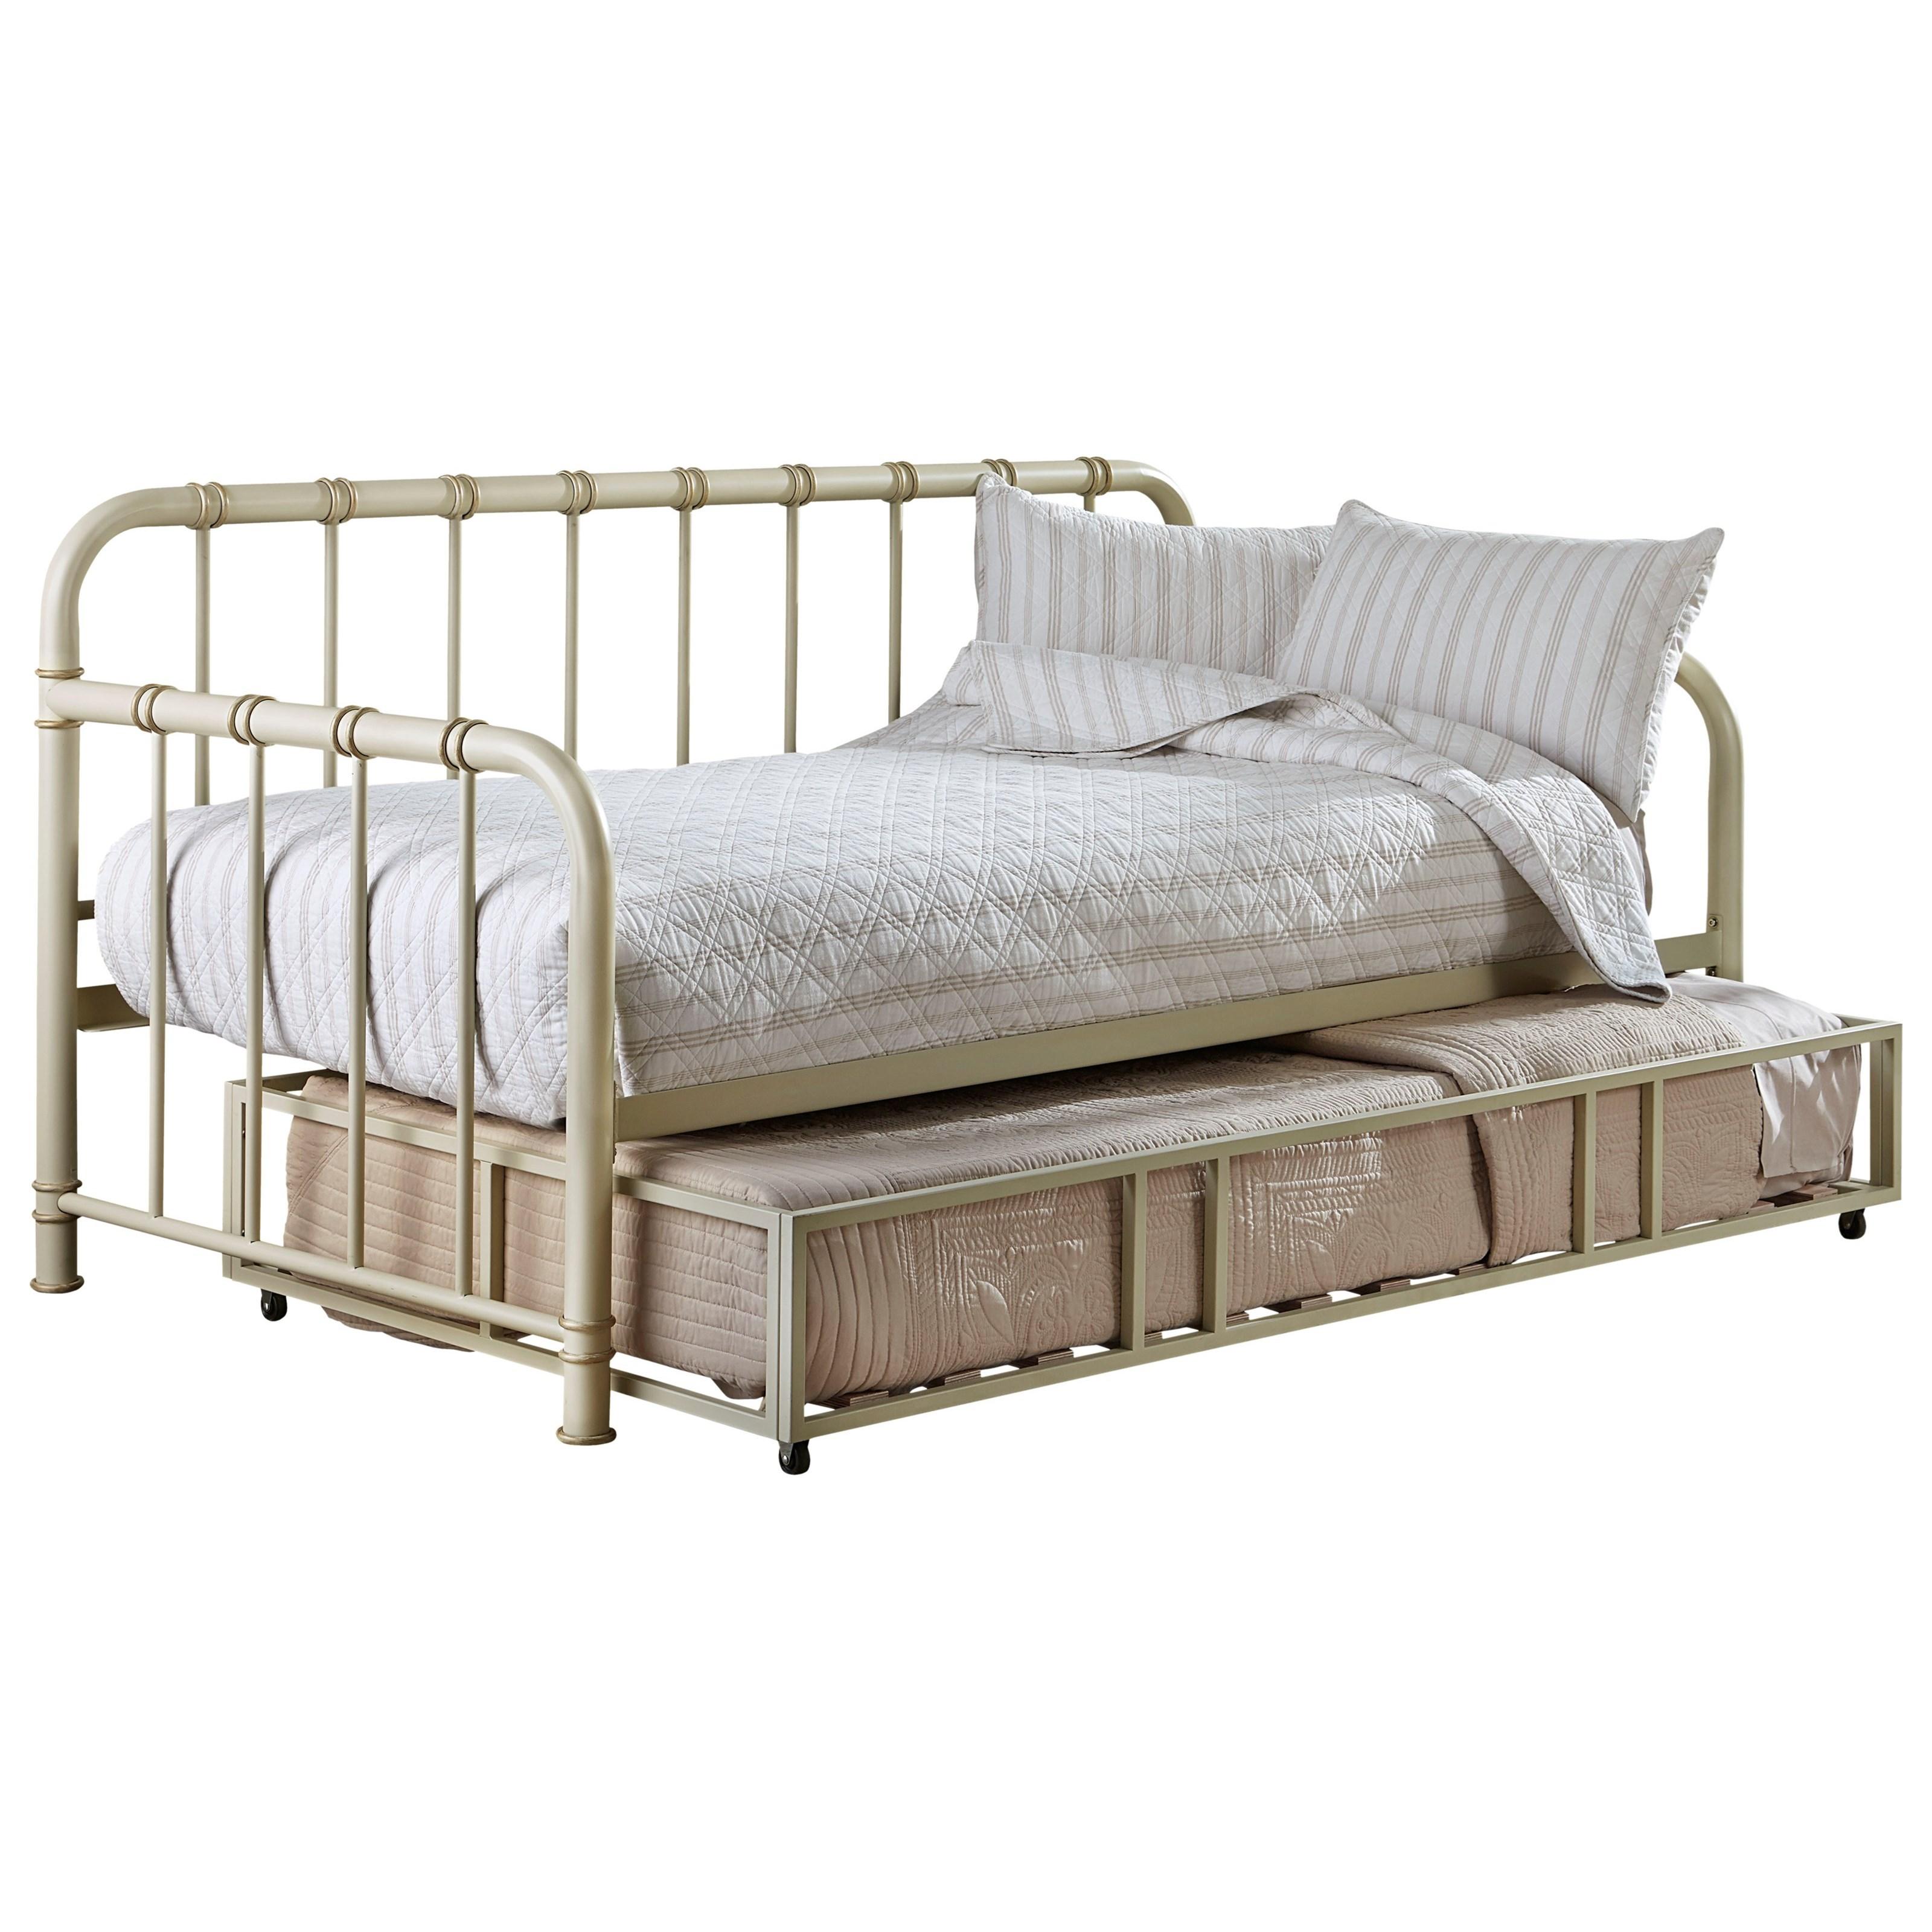 Standard Furniture Tristen Daybed w/ Trundle - Item Number: 87553+54